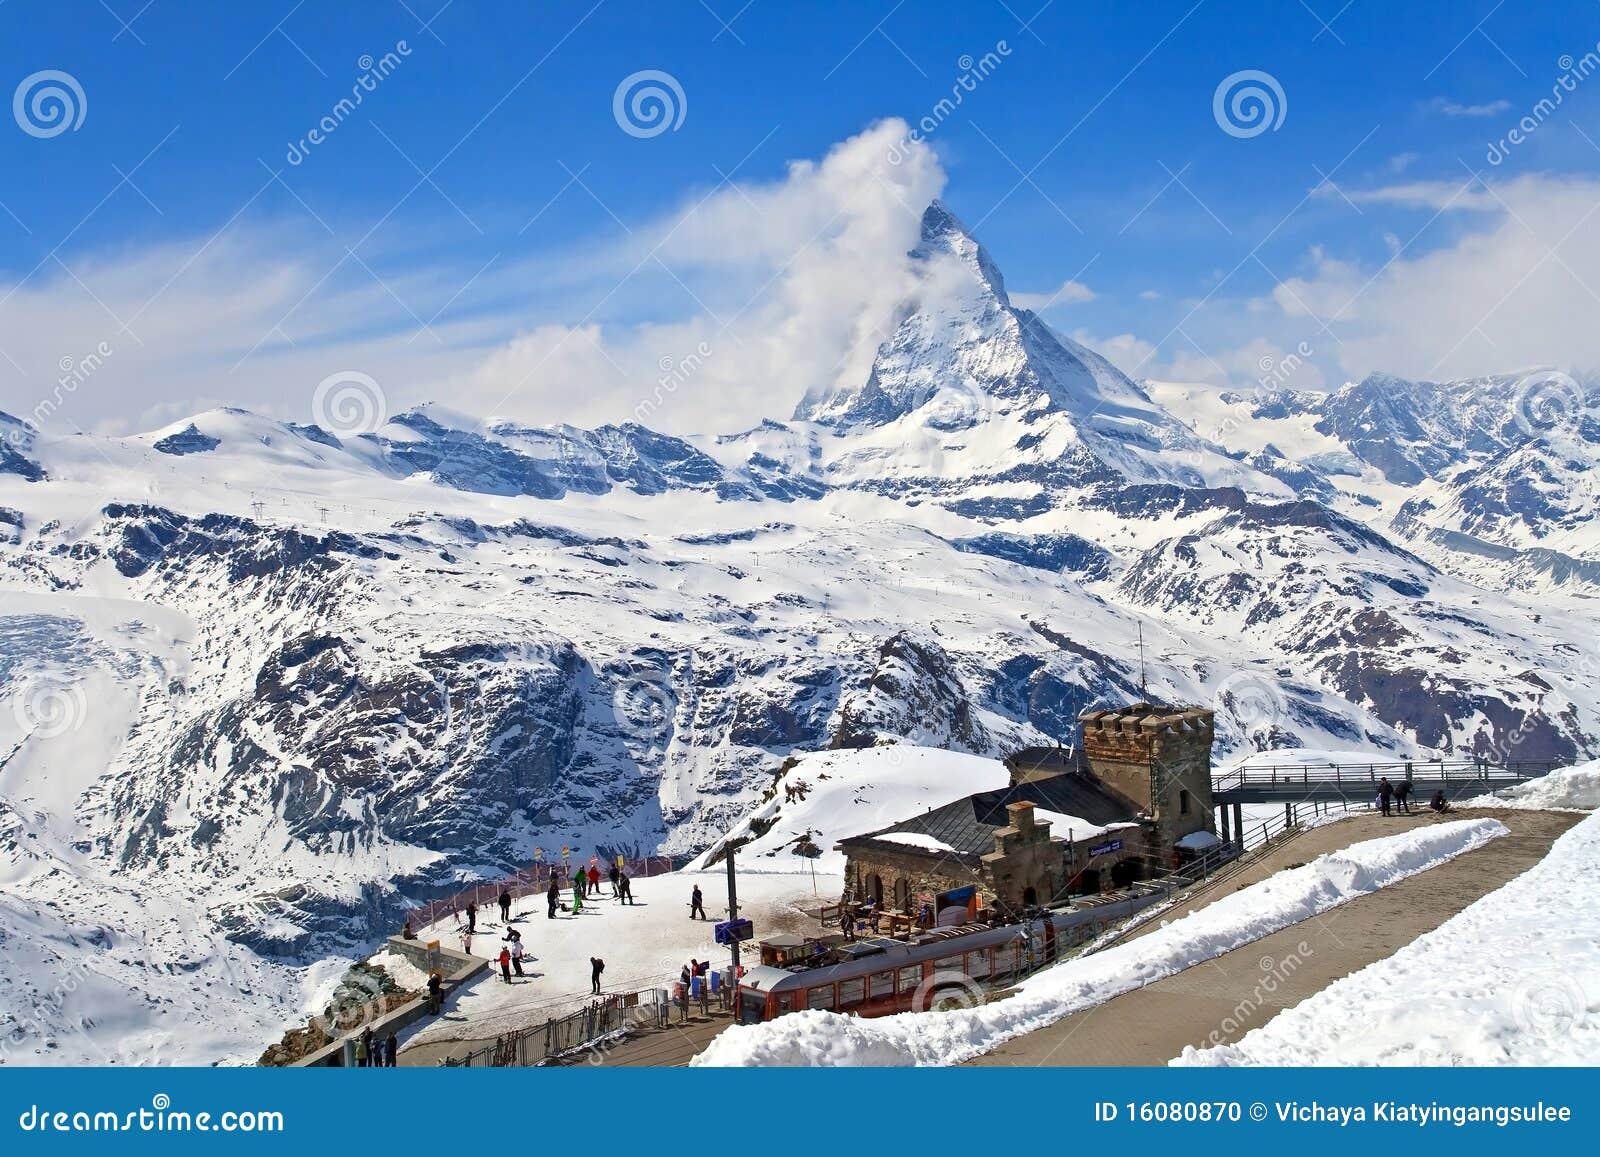 Gornergrat Train Station and Matterhorn peak